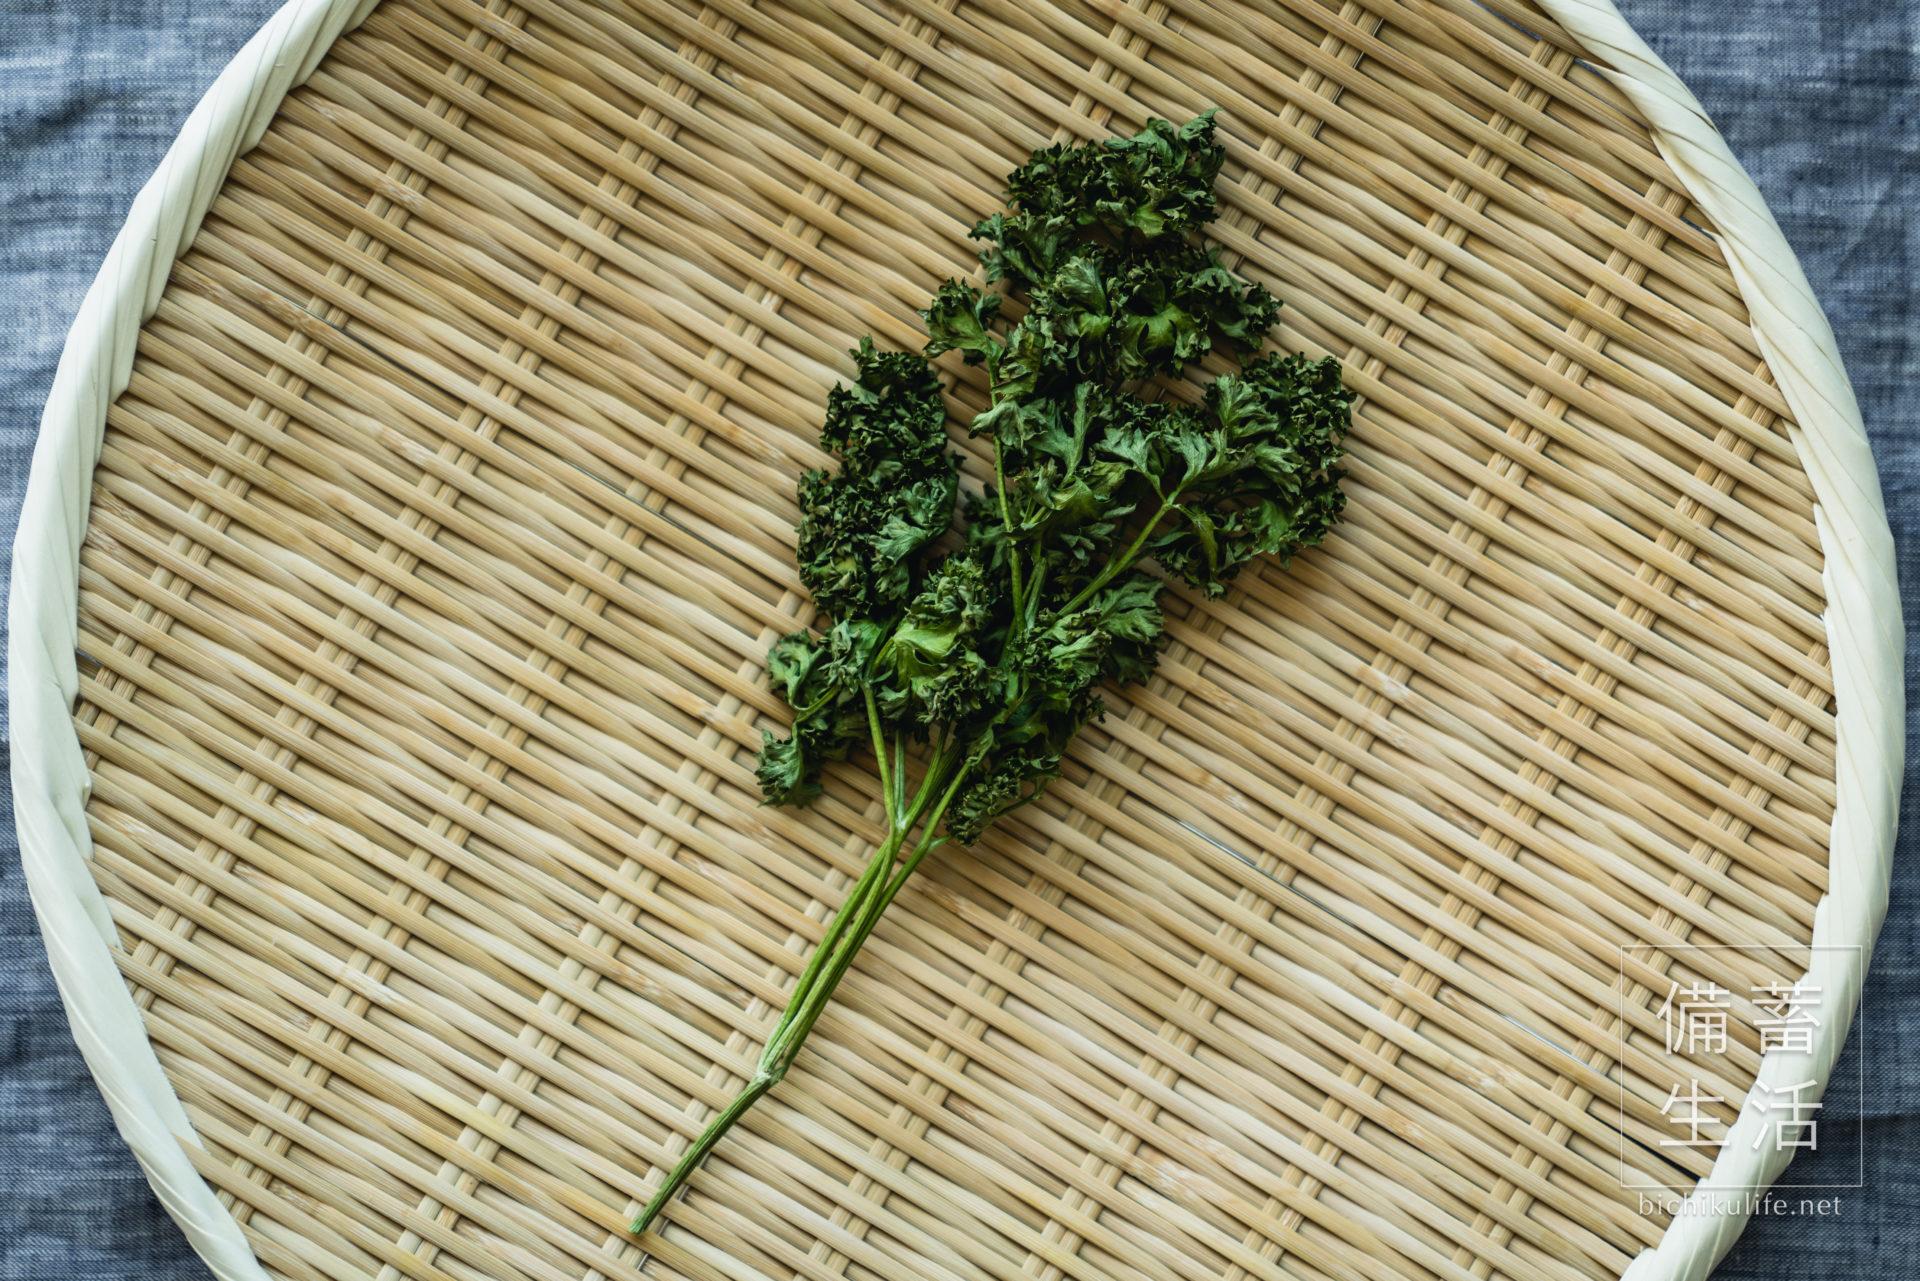 パセリ 干し野菜づくり -干しパセリ-